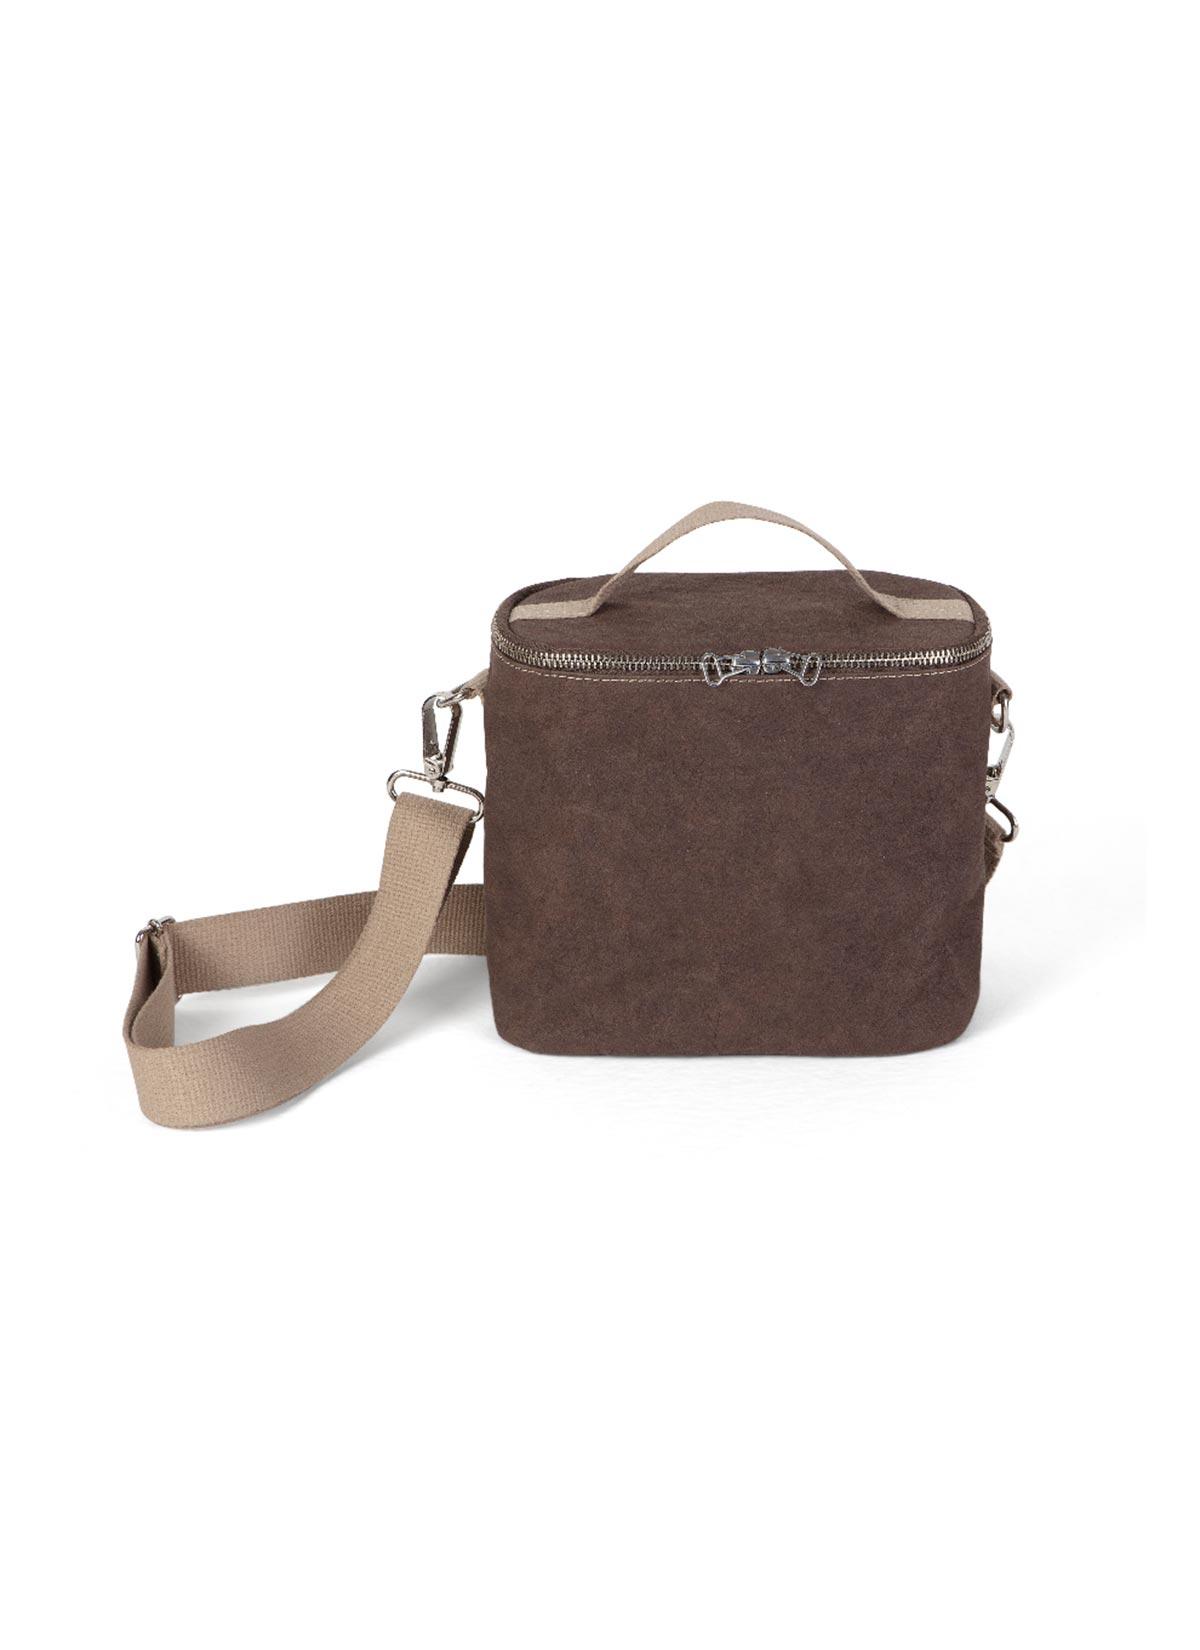 The Bag Brown